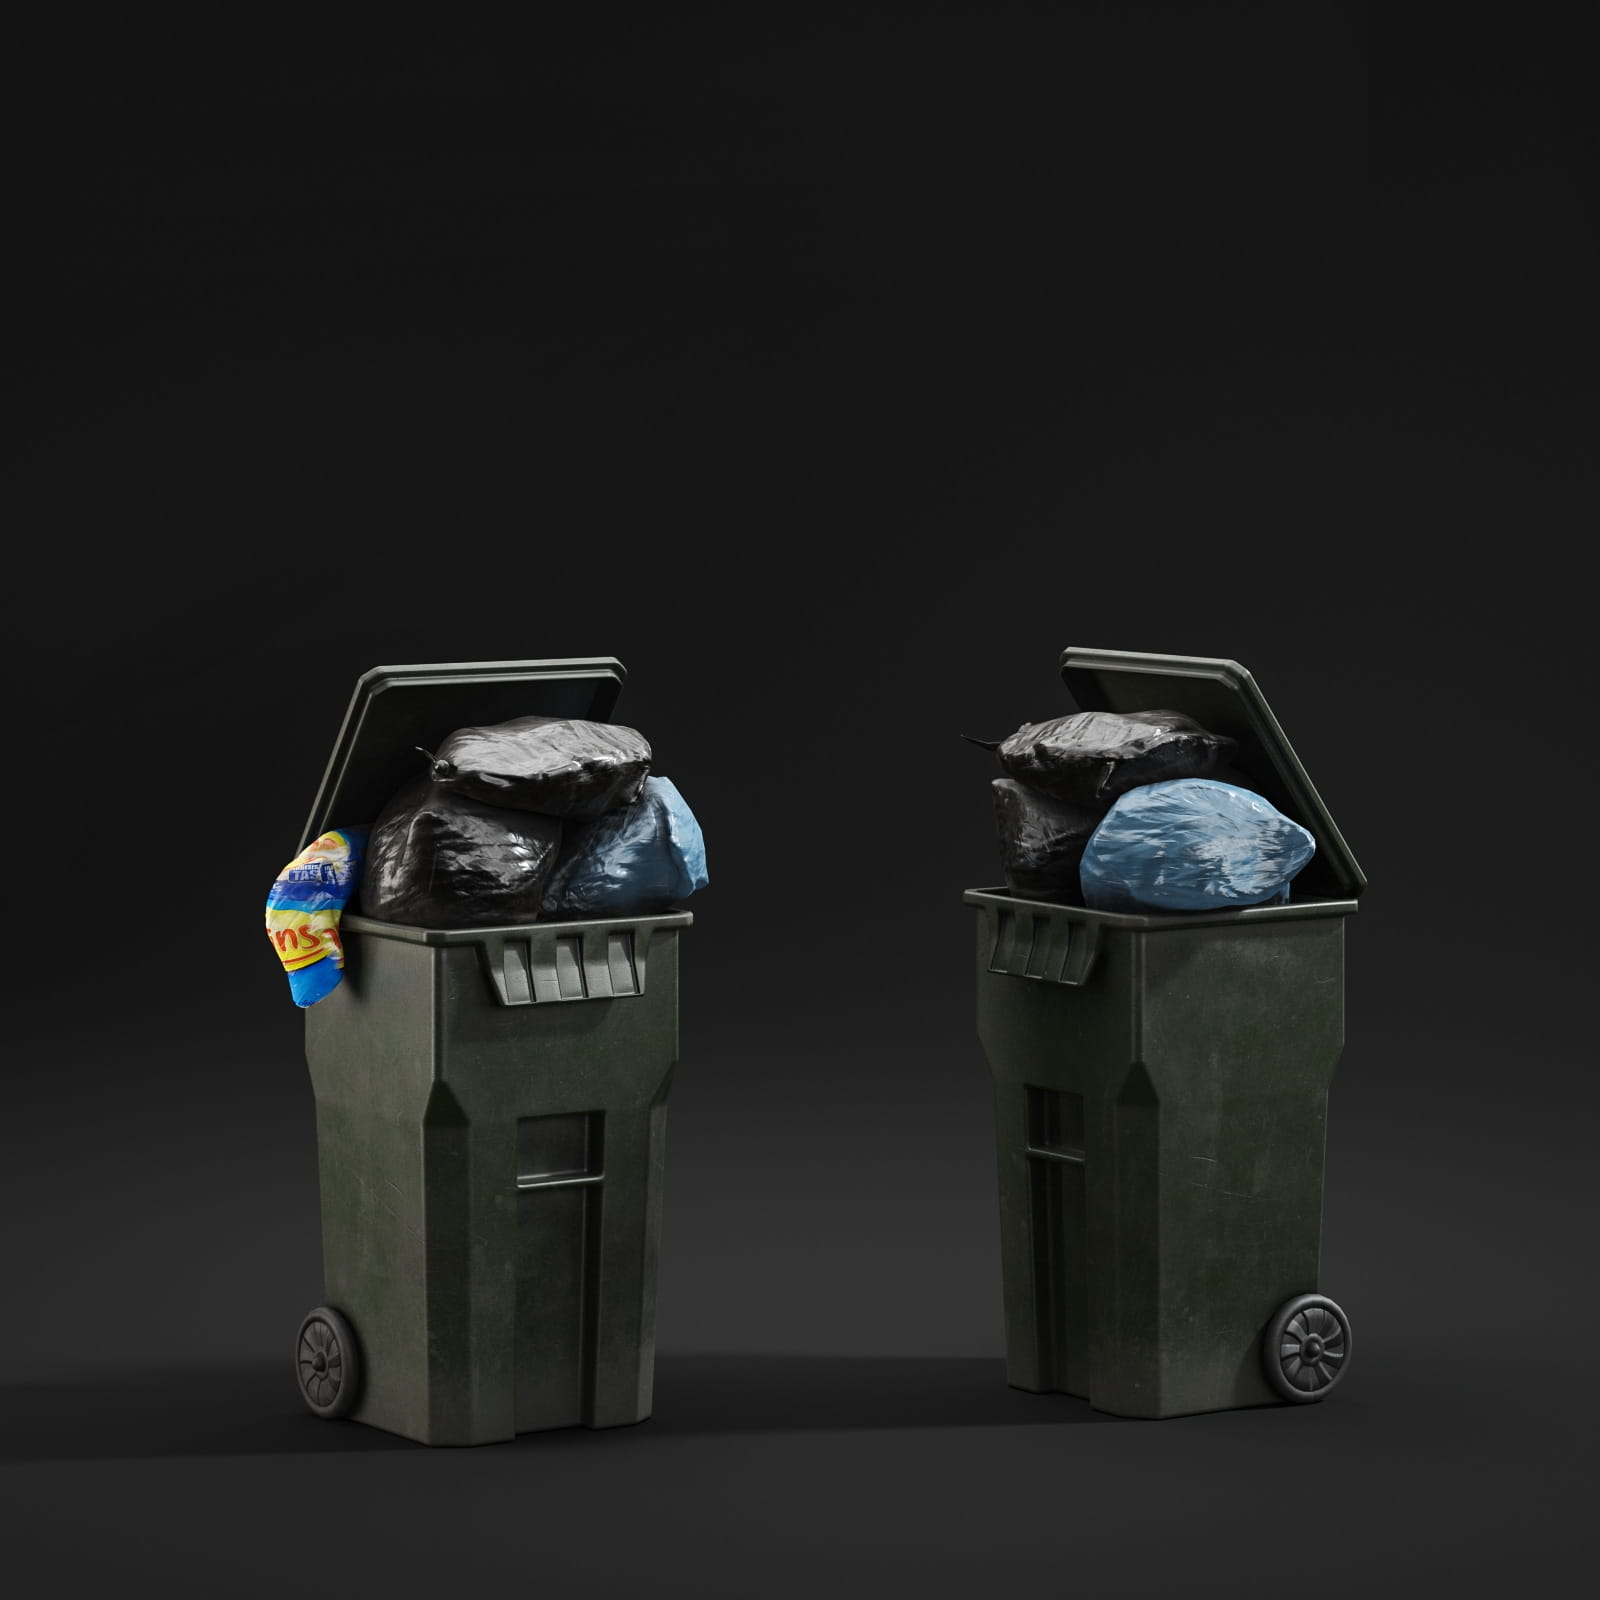 trash cans 46 AM211 Archmodels